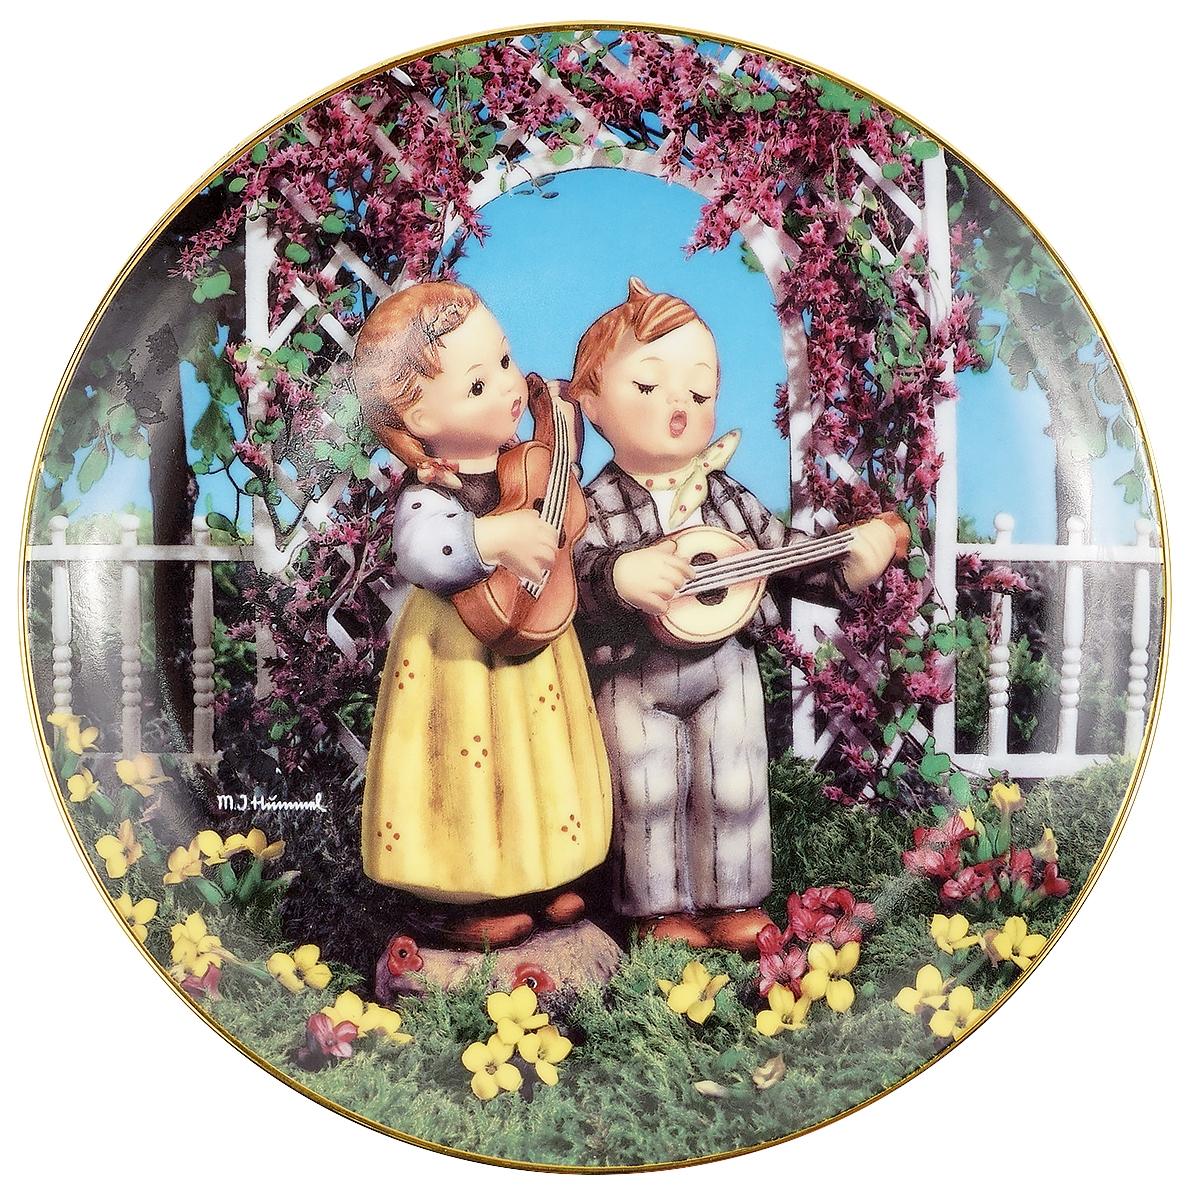 Декоративная тарелка Goebel Маленькие музыканты. Фарфор, деколь, золочение. Швейцария, вторая половина ХХ века декоративная тарелка goebel сюрприз фарфор деколь золочение швейцария вторая половина хх века